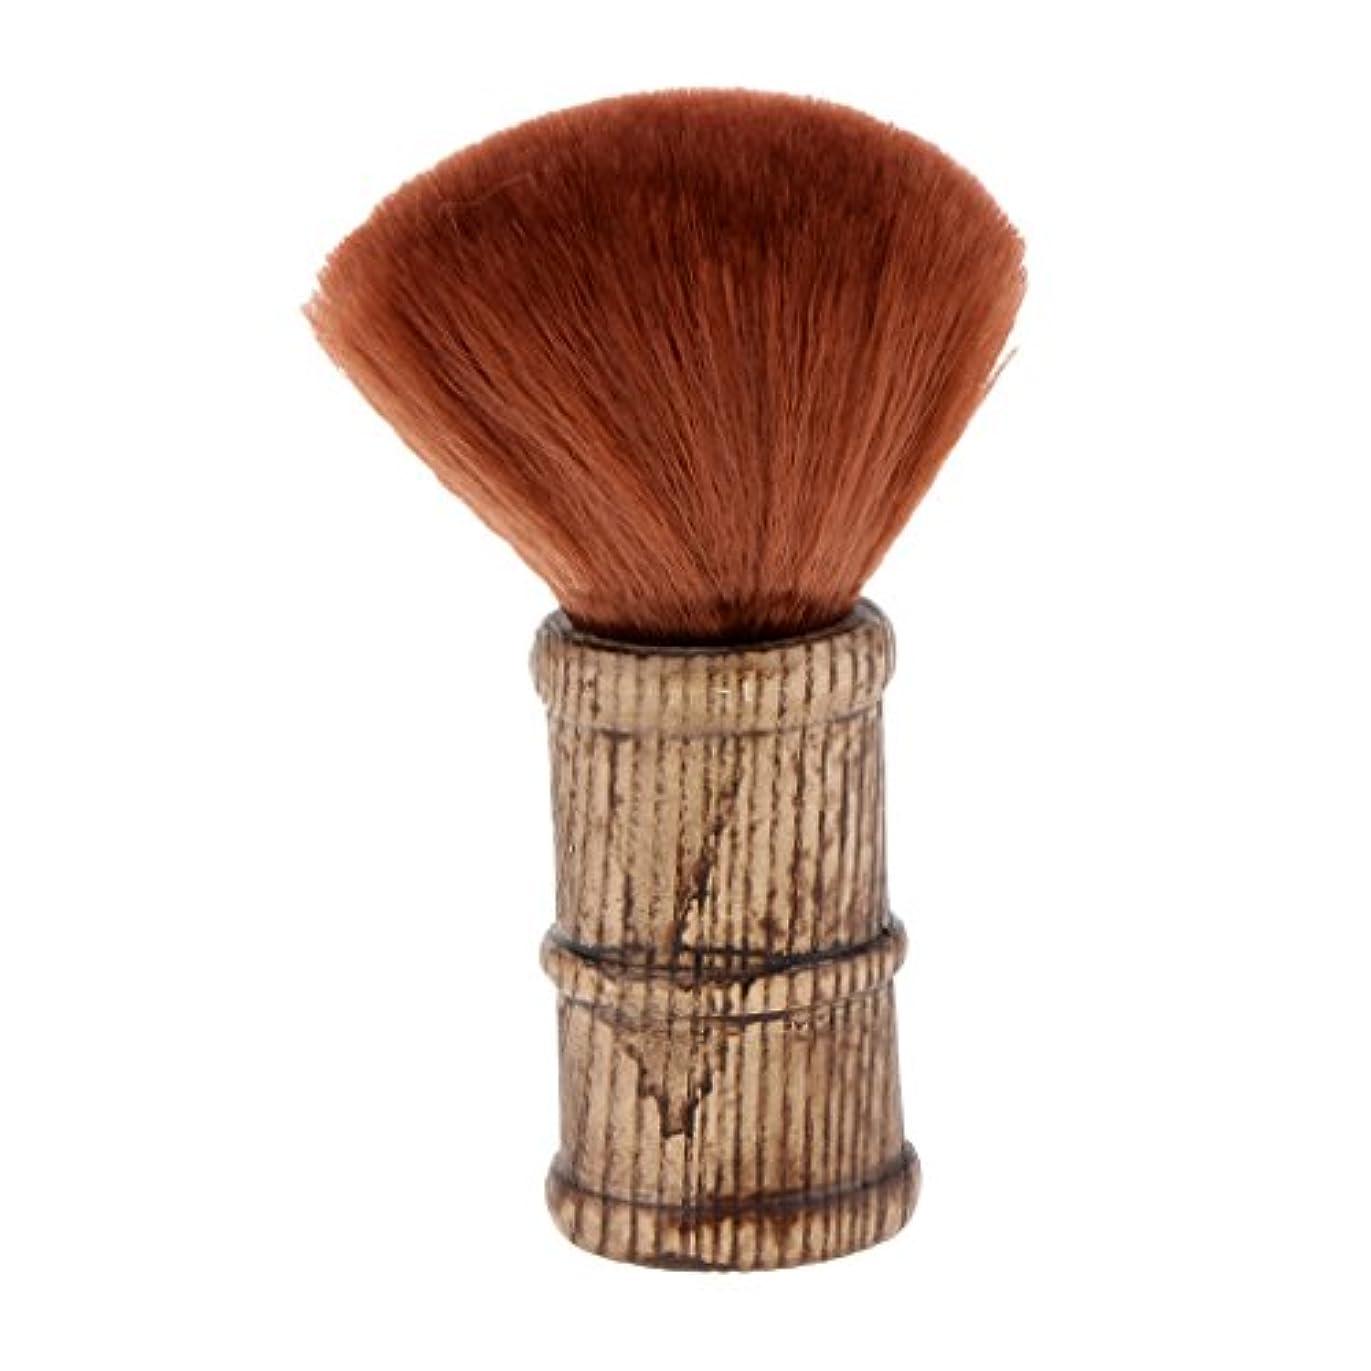 負荷嫌なニッケルSharplace ネックダスターブラシ ヘアカットブラシ メイクブラシ サロン 理髪師 2色選べ - 褐色